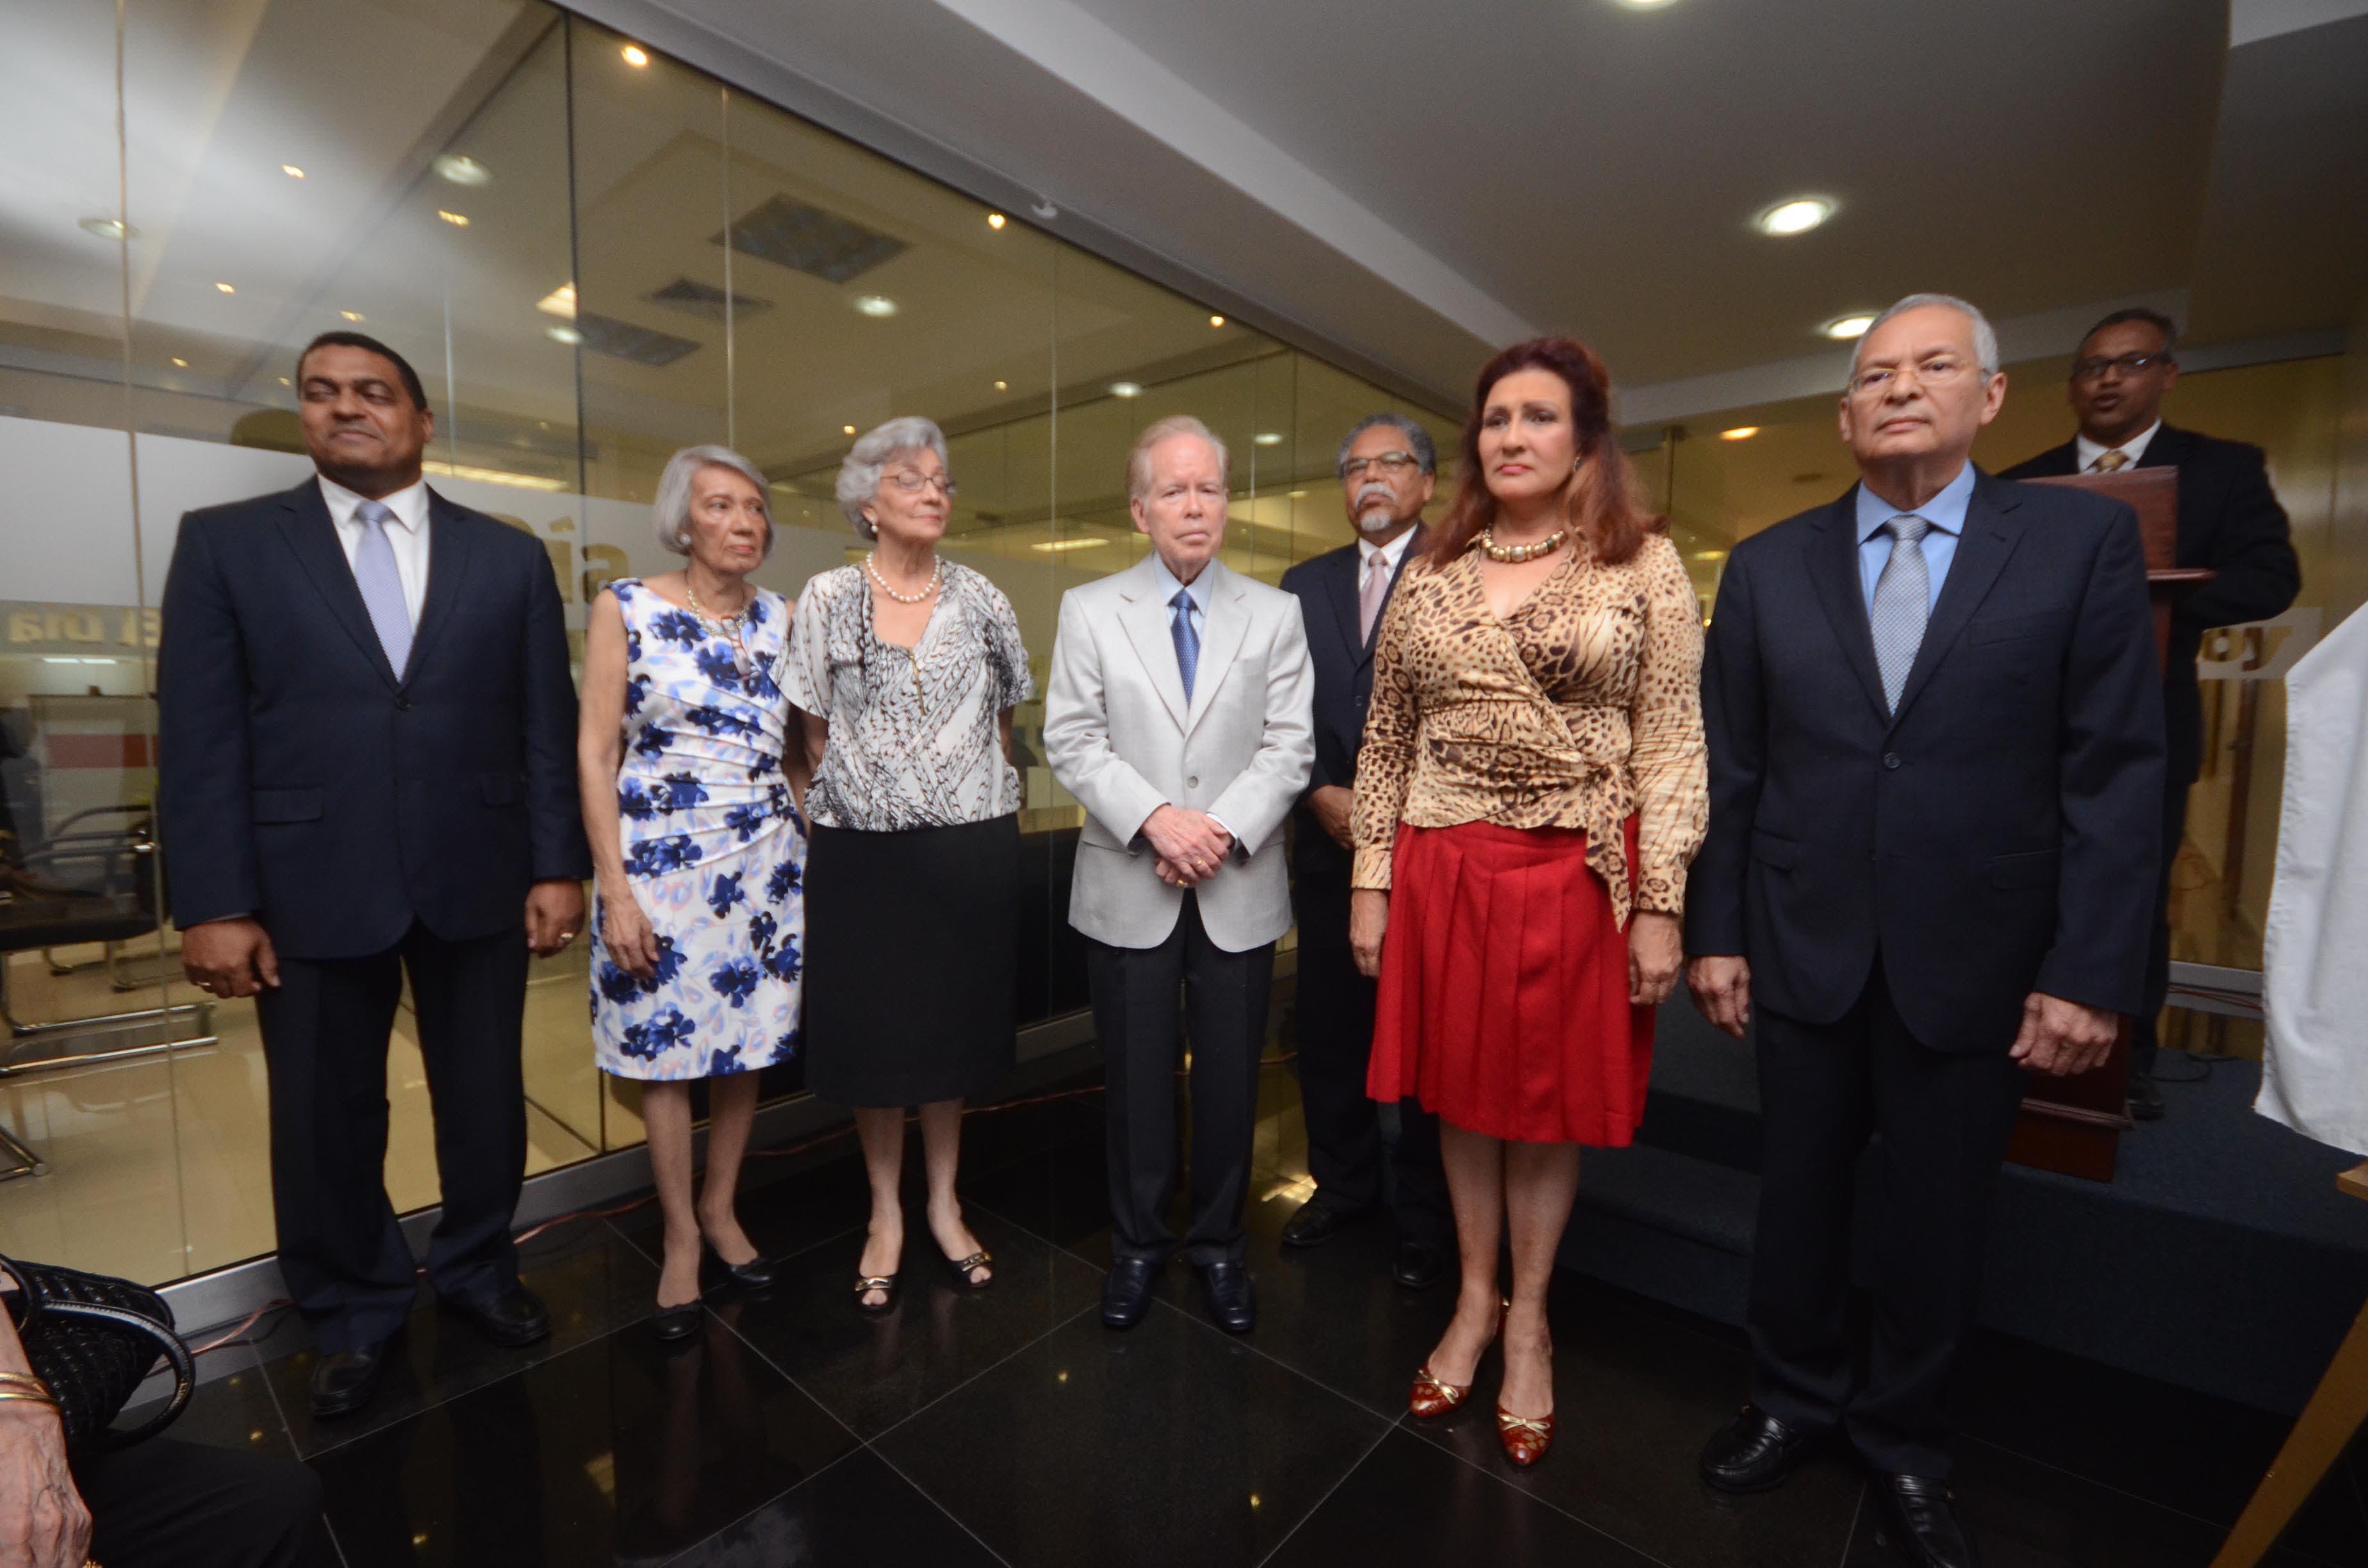 ceremonia de reconocimiento en el Periódico hoy. Pedro Sosa